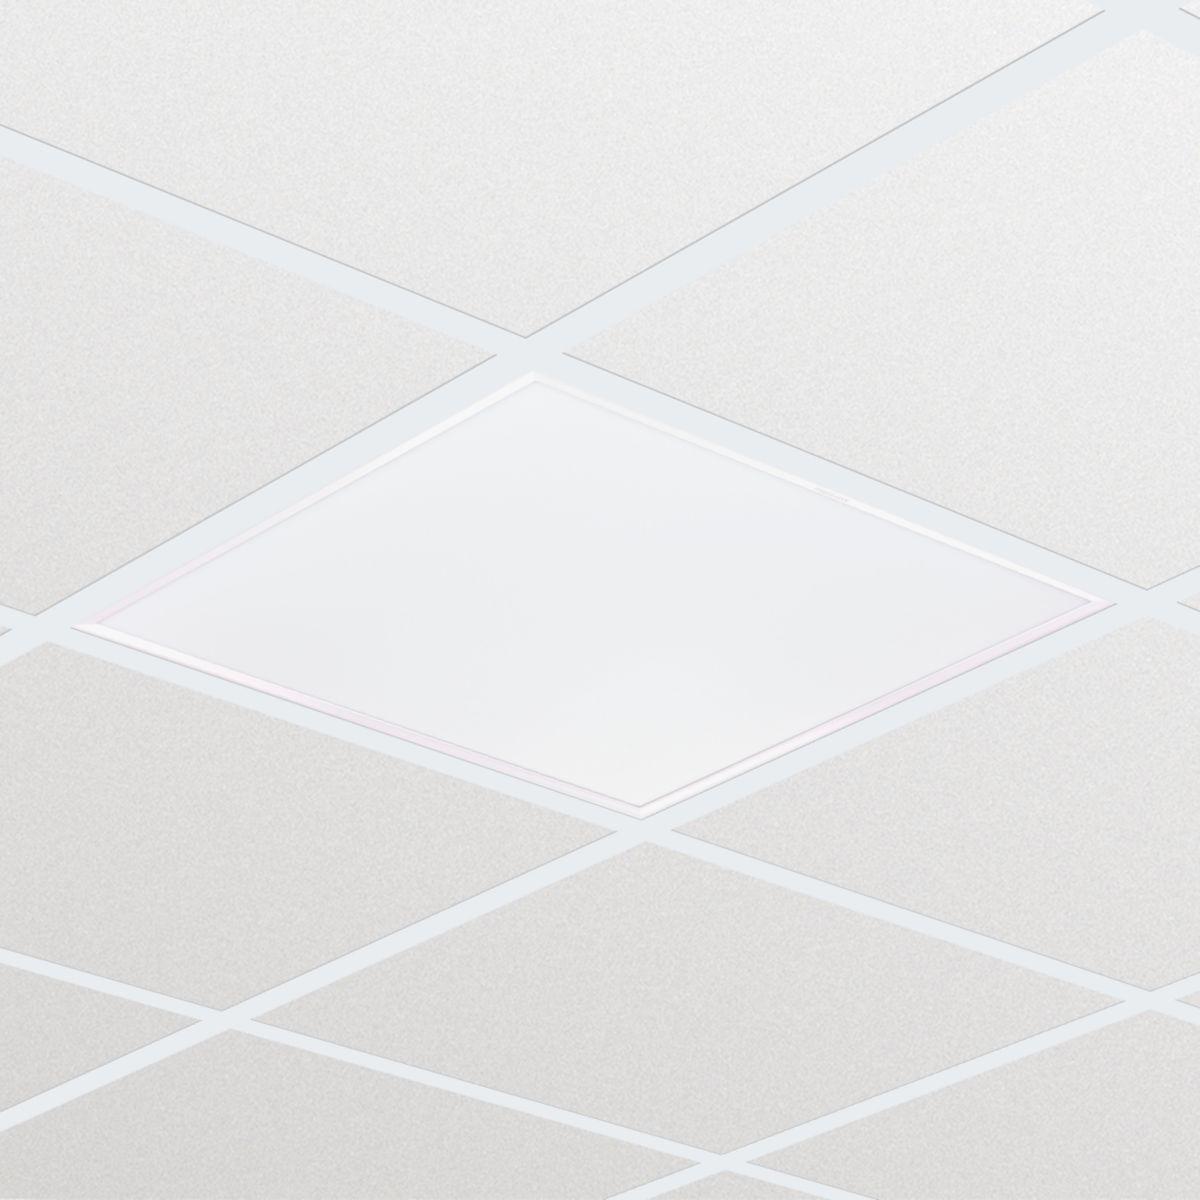 RC127V LED34S/840 PSD W60L60 OC